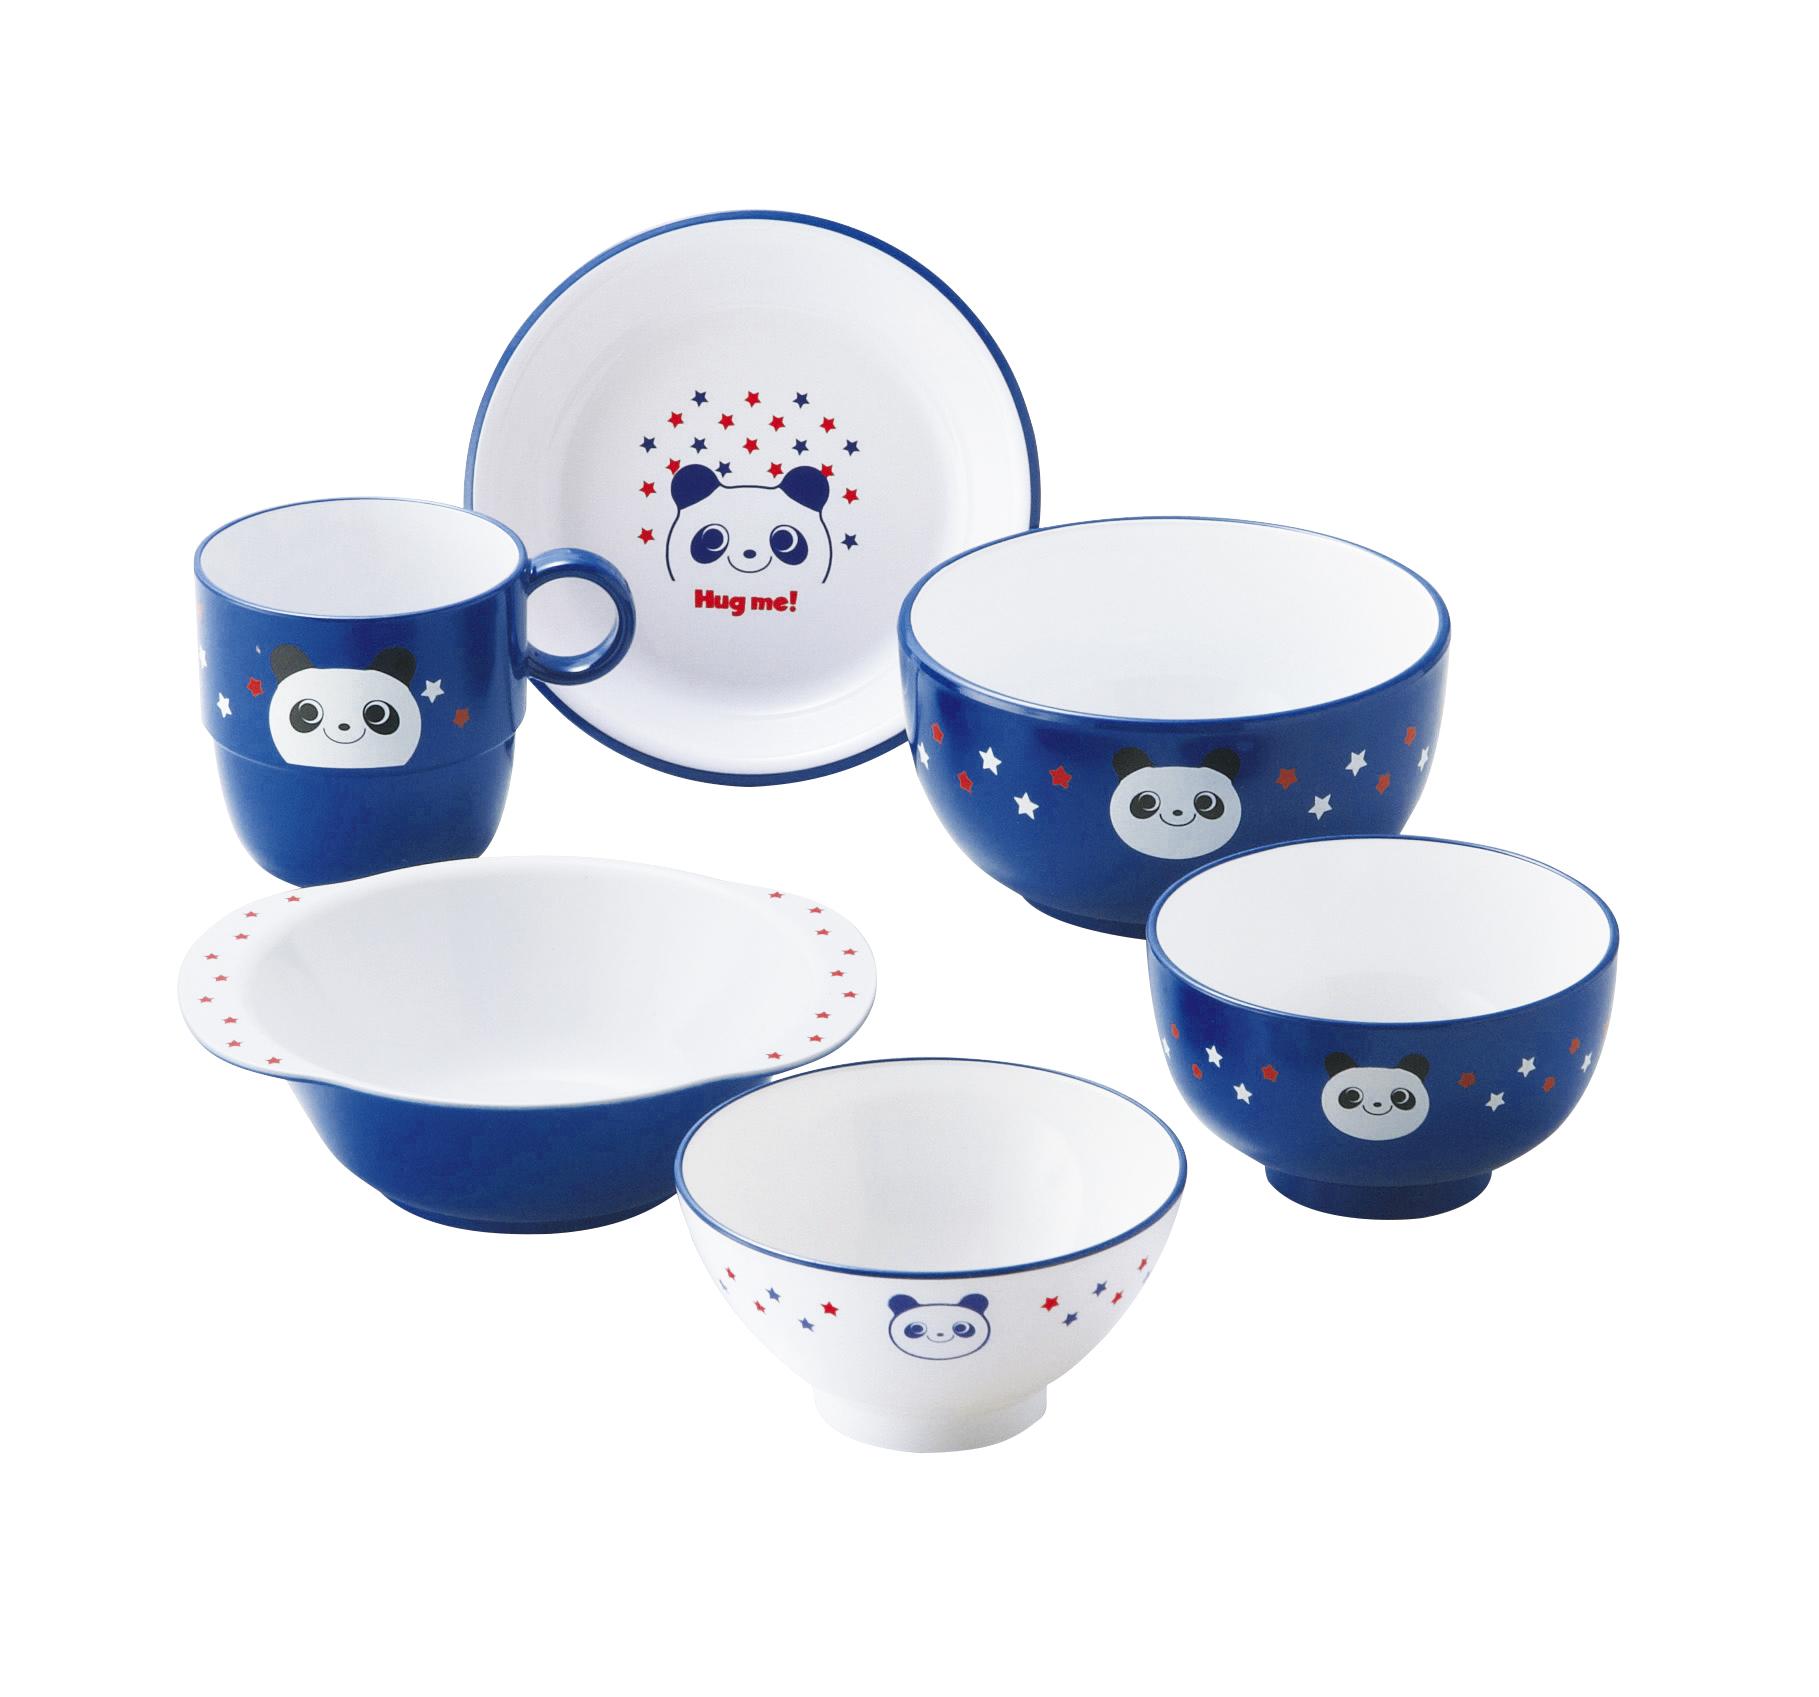 【有限会社ミタニ】ハグミー6点セット 茶椀・汁椀・小丼・コップ・スナックプレート・スナック小鉢各1 ブルー